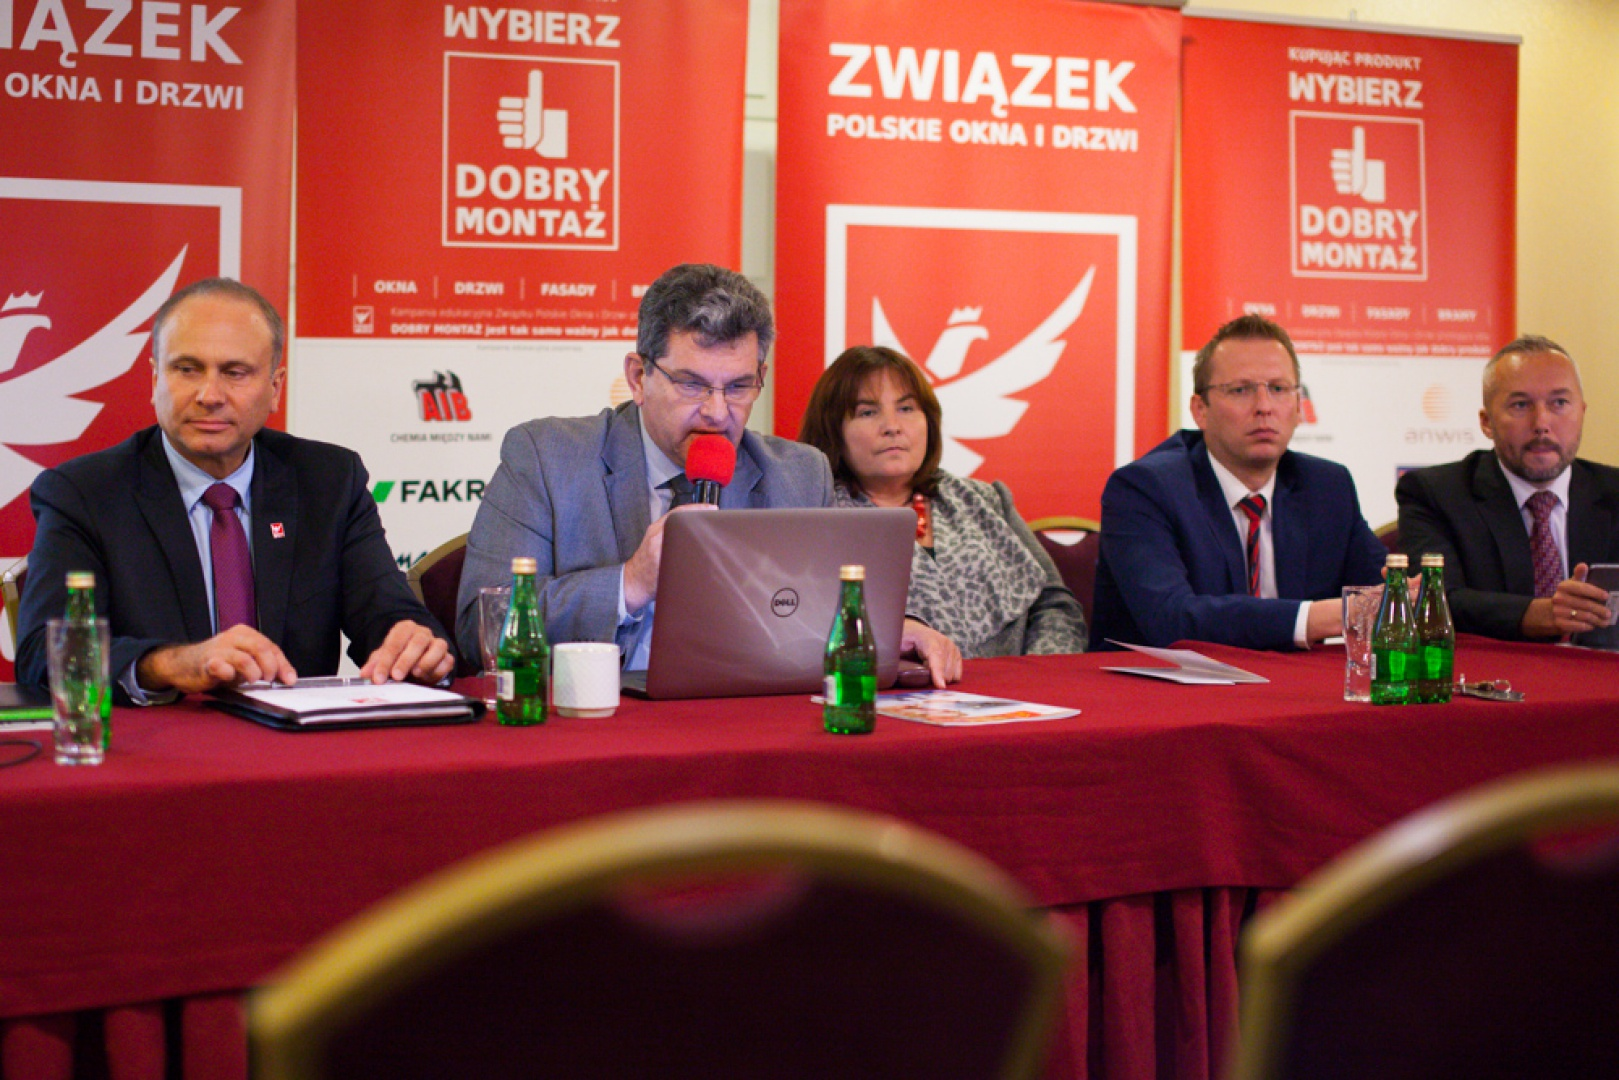 Oficjalnie zainaugurowano kontynuację działań kampanii edukacyjnej Dobry Montaż. Fot. POiD.